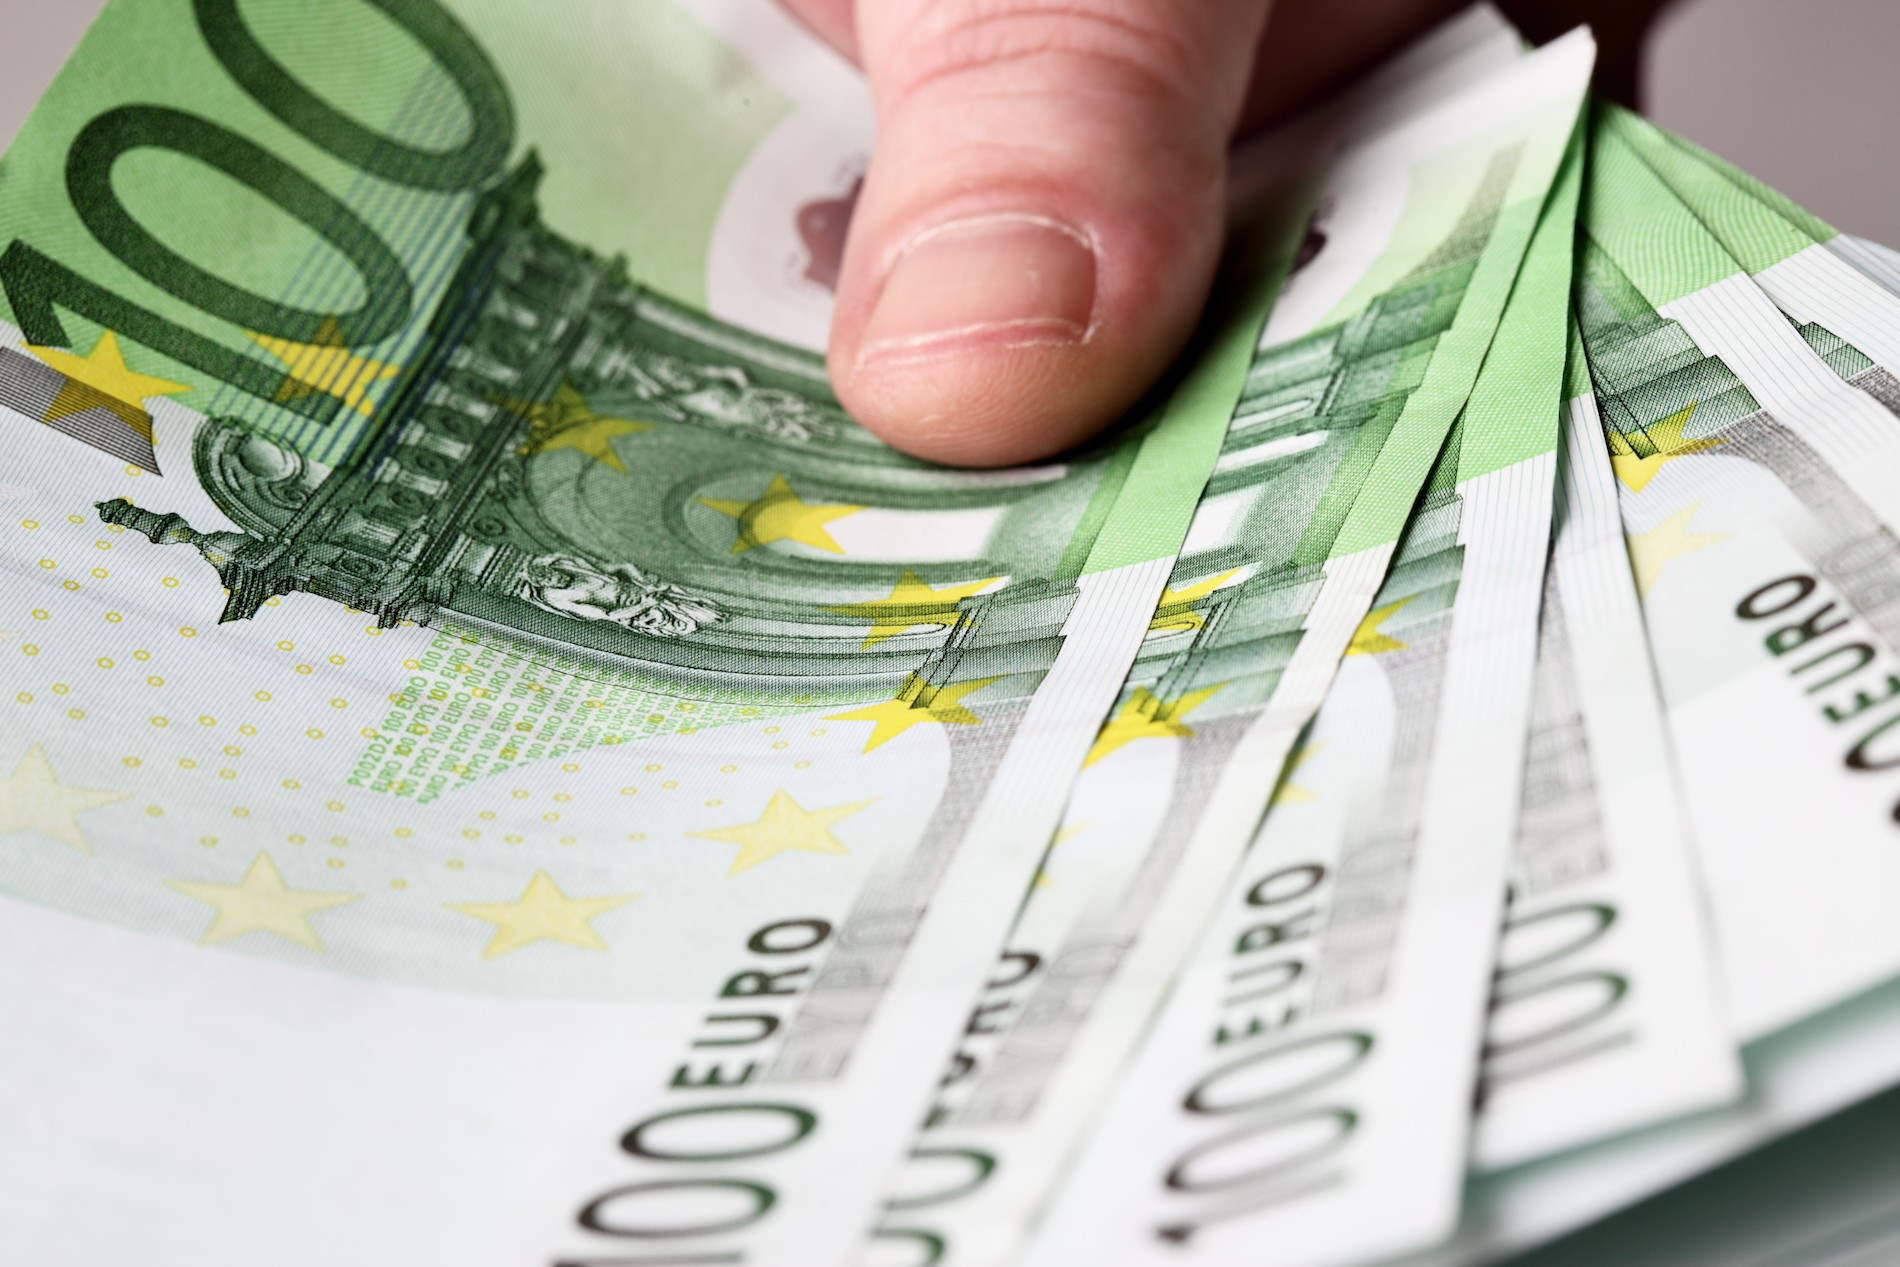 La economía canaria crecerá en 2018